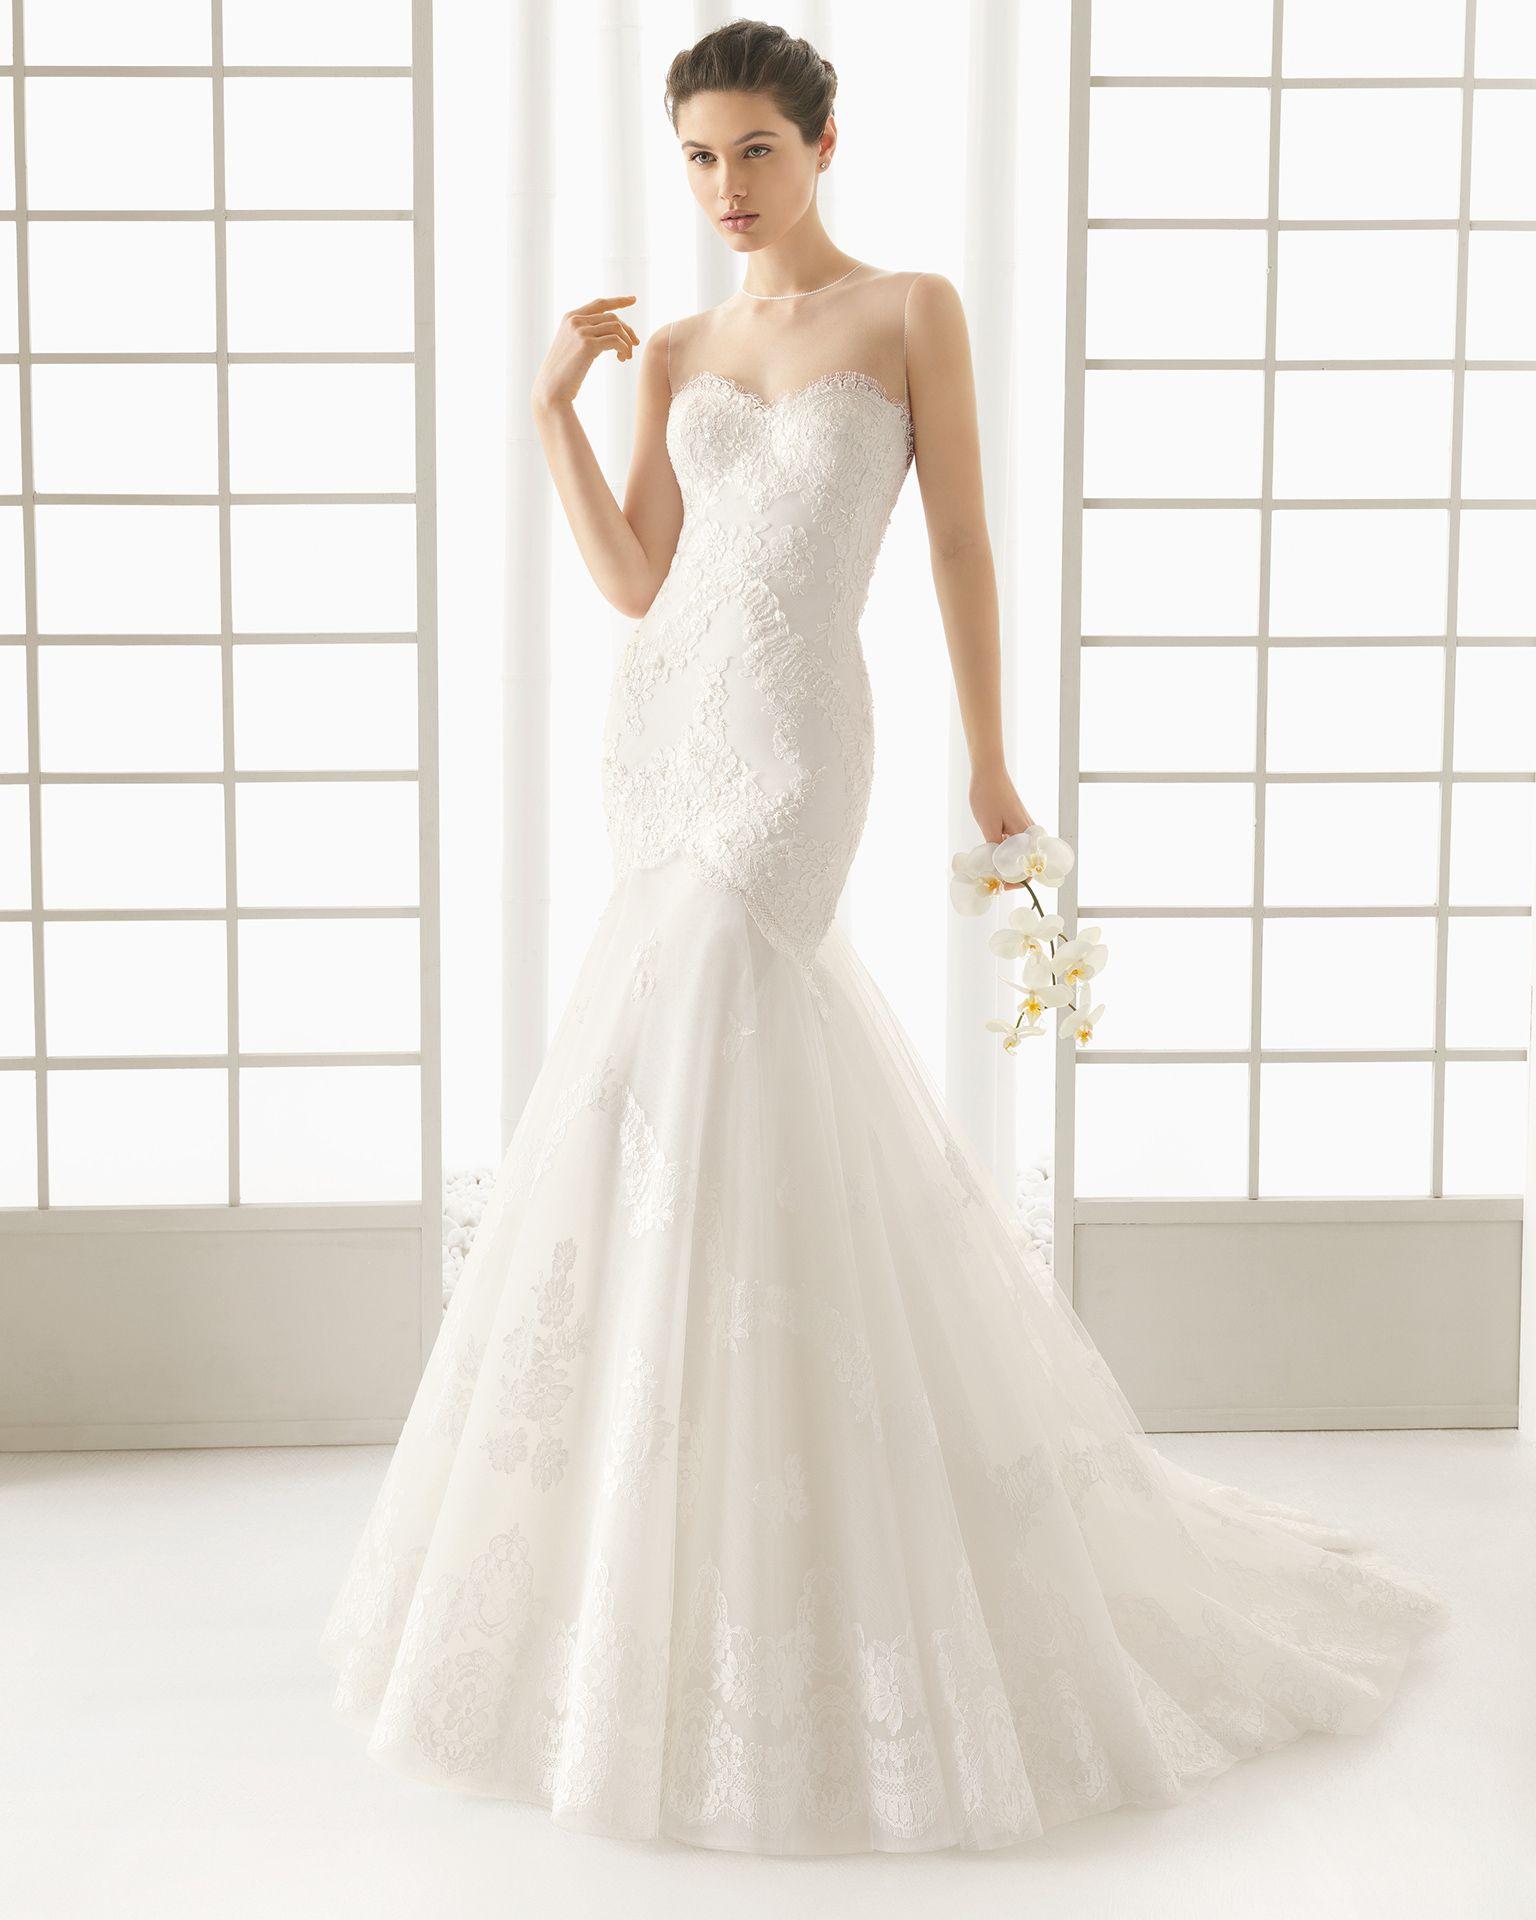 82150eed1a2 ROSA CLARÁ - DON vestido de novia con cuerpo de encaje pedrería y falda de  encaje y tul.